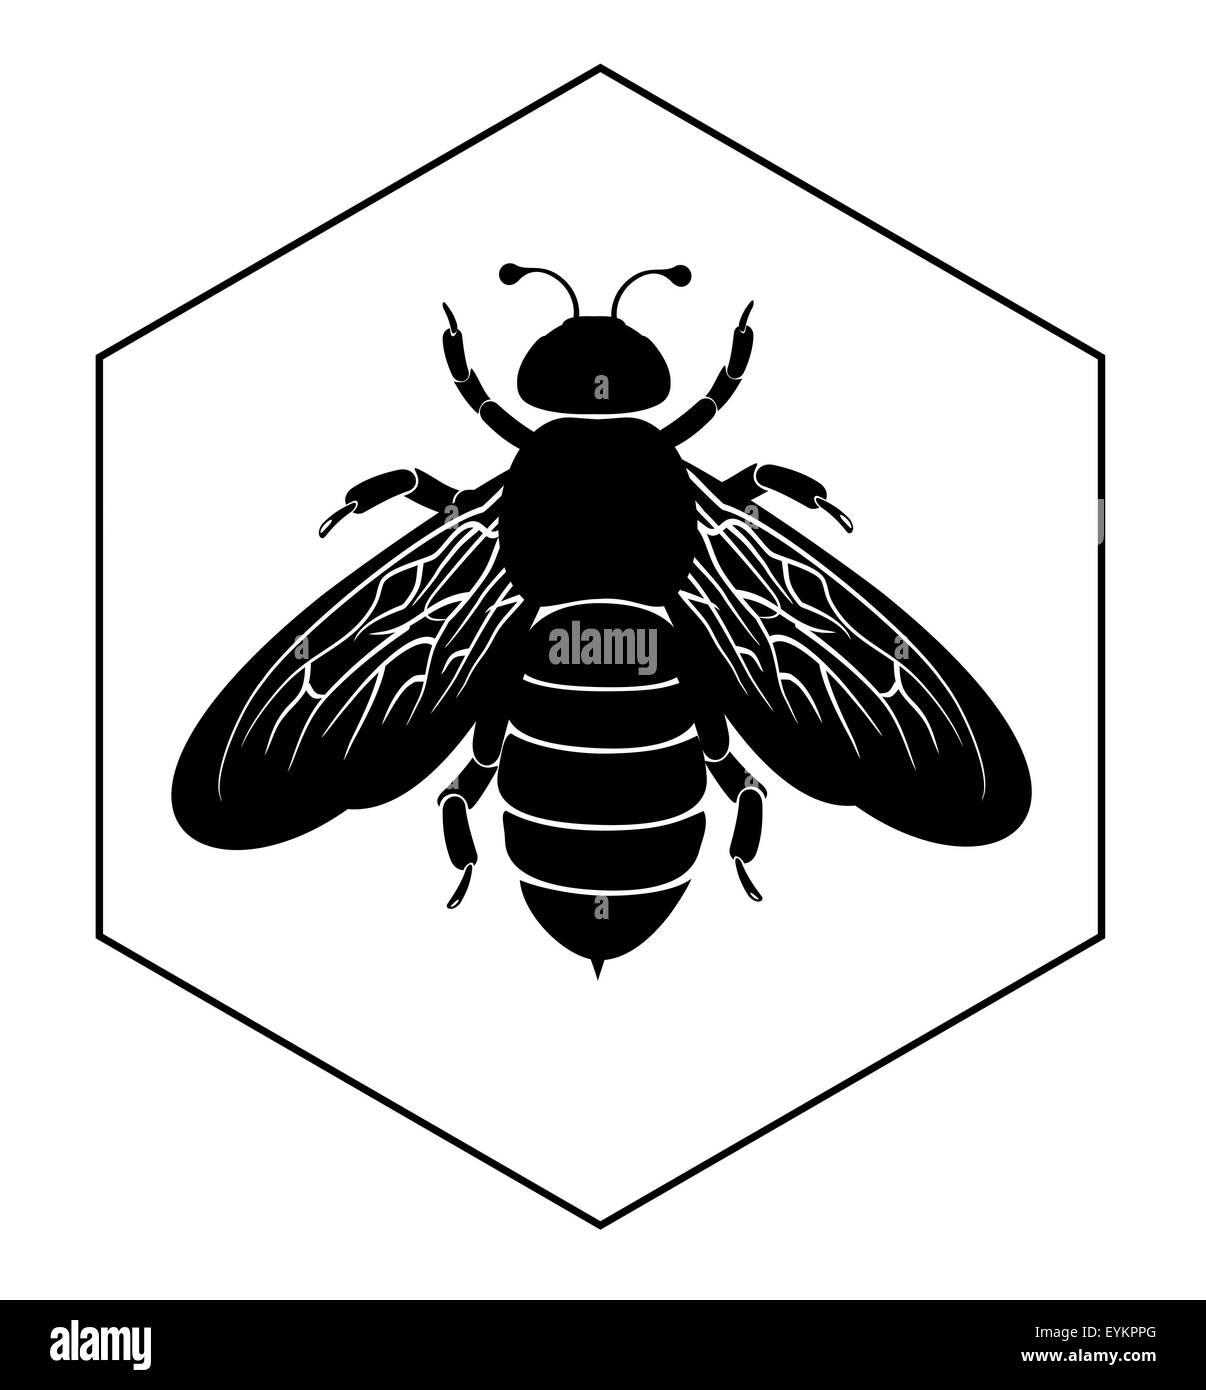 Charmant Die Anatomie Einer Biene Zeitgenössisch - Anatomie Von ...